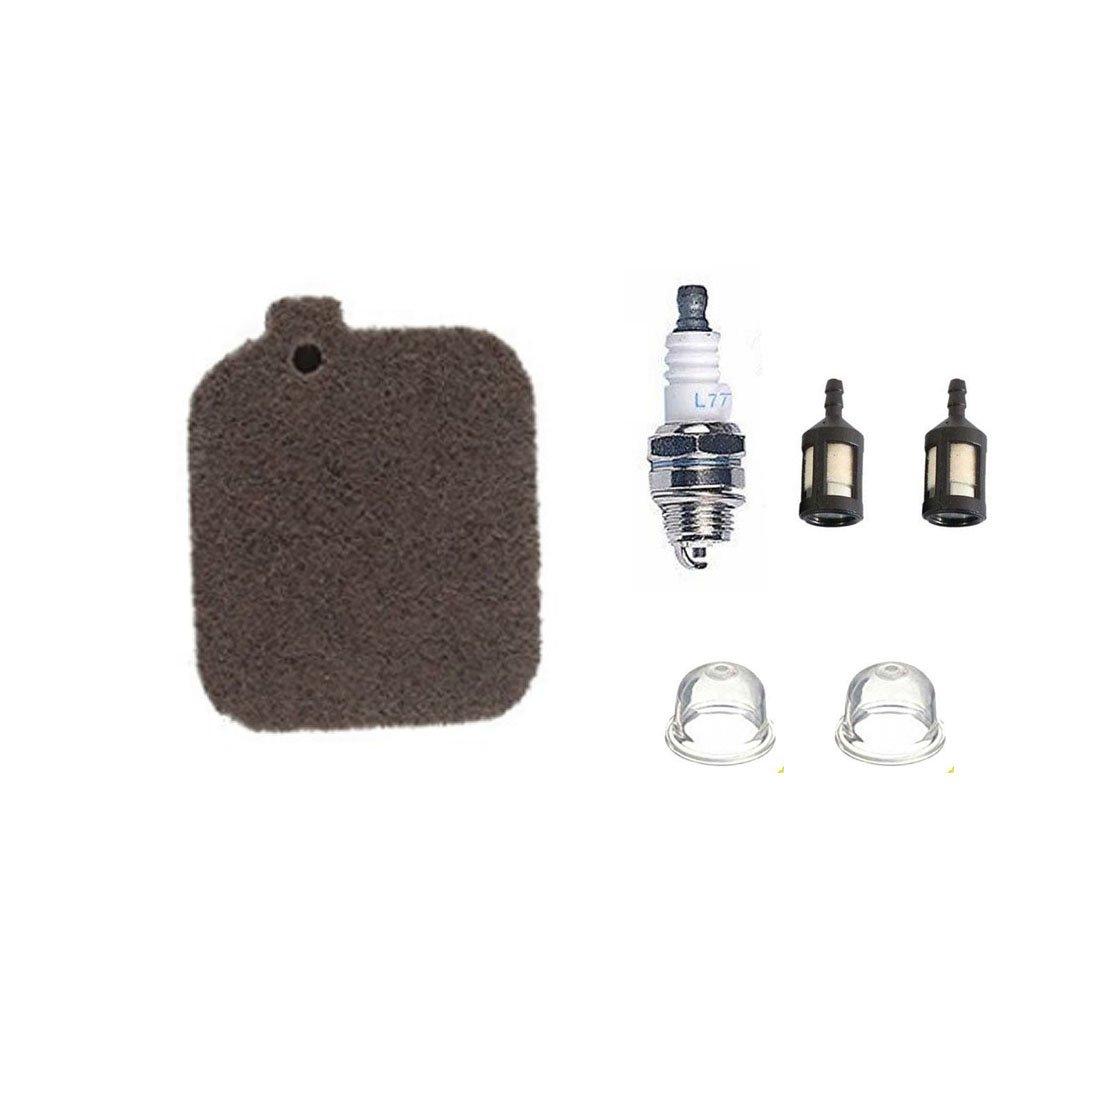 tucparts Luftfilter + Zü ndkerze + Kraftstofffilter + Primer Leuchtmittel fü r Stihl BG45 BG46 BG55 BG65 Saite bg85 SH55 SH85 Geblä se # 4229 120 1800